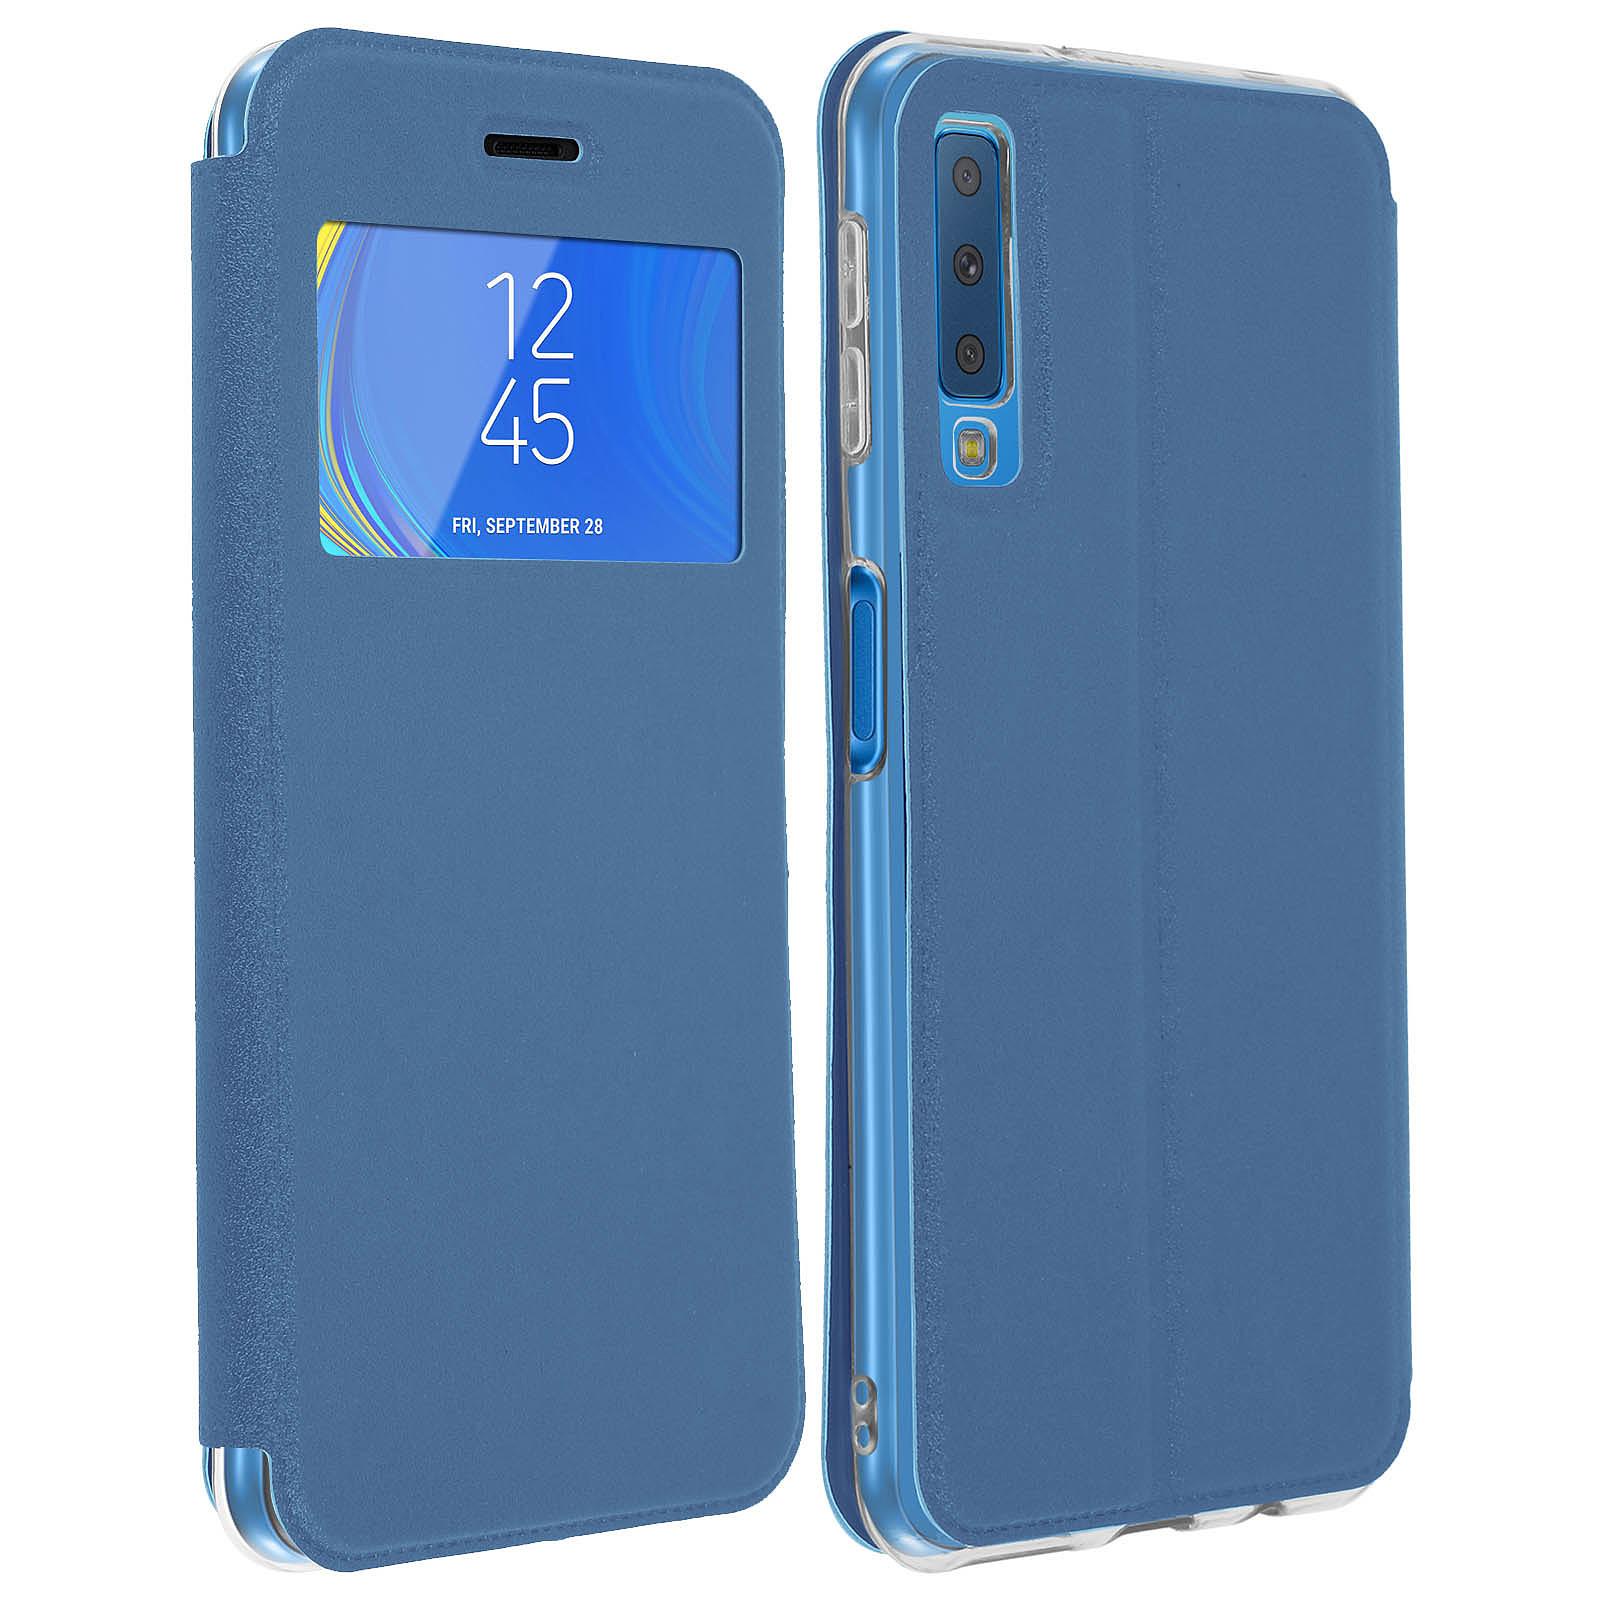 Avizar Etui folio Bleu Éco-cuir pour Samsung Galaxy A7 2018